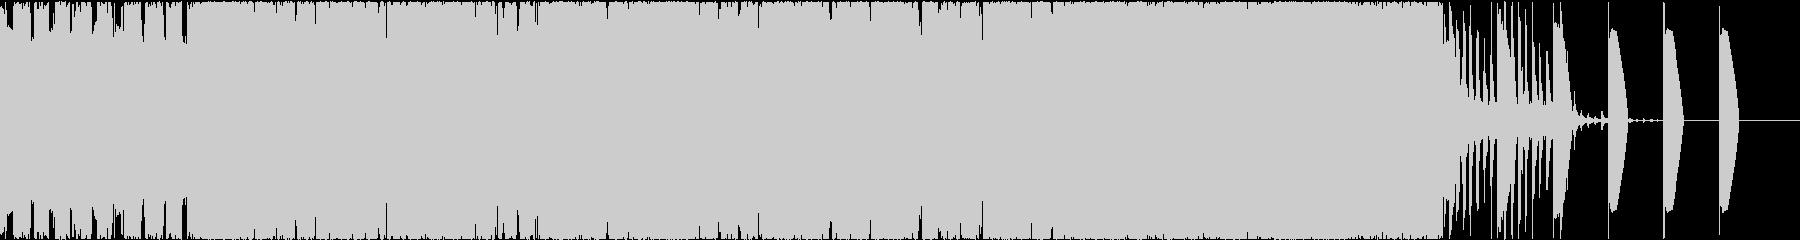 不思議な雰囲気のBGMの未再生の波形